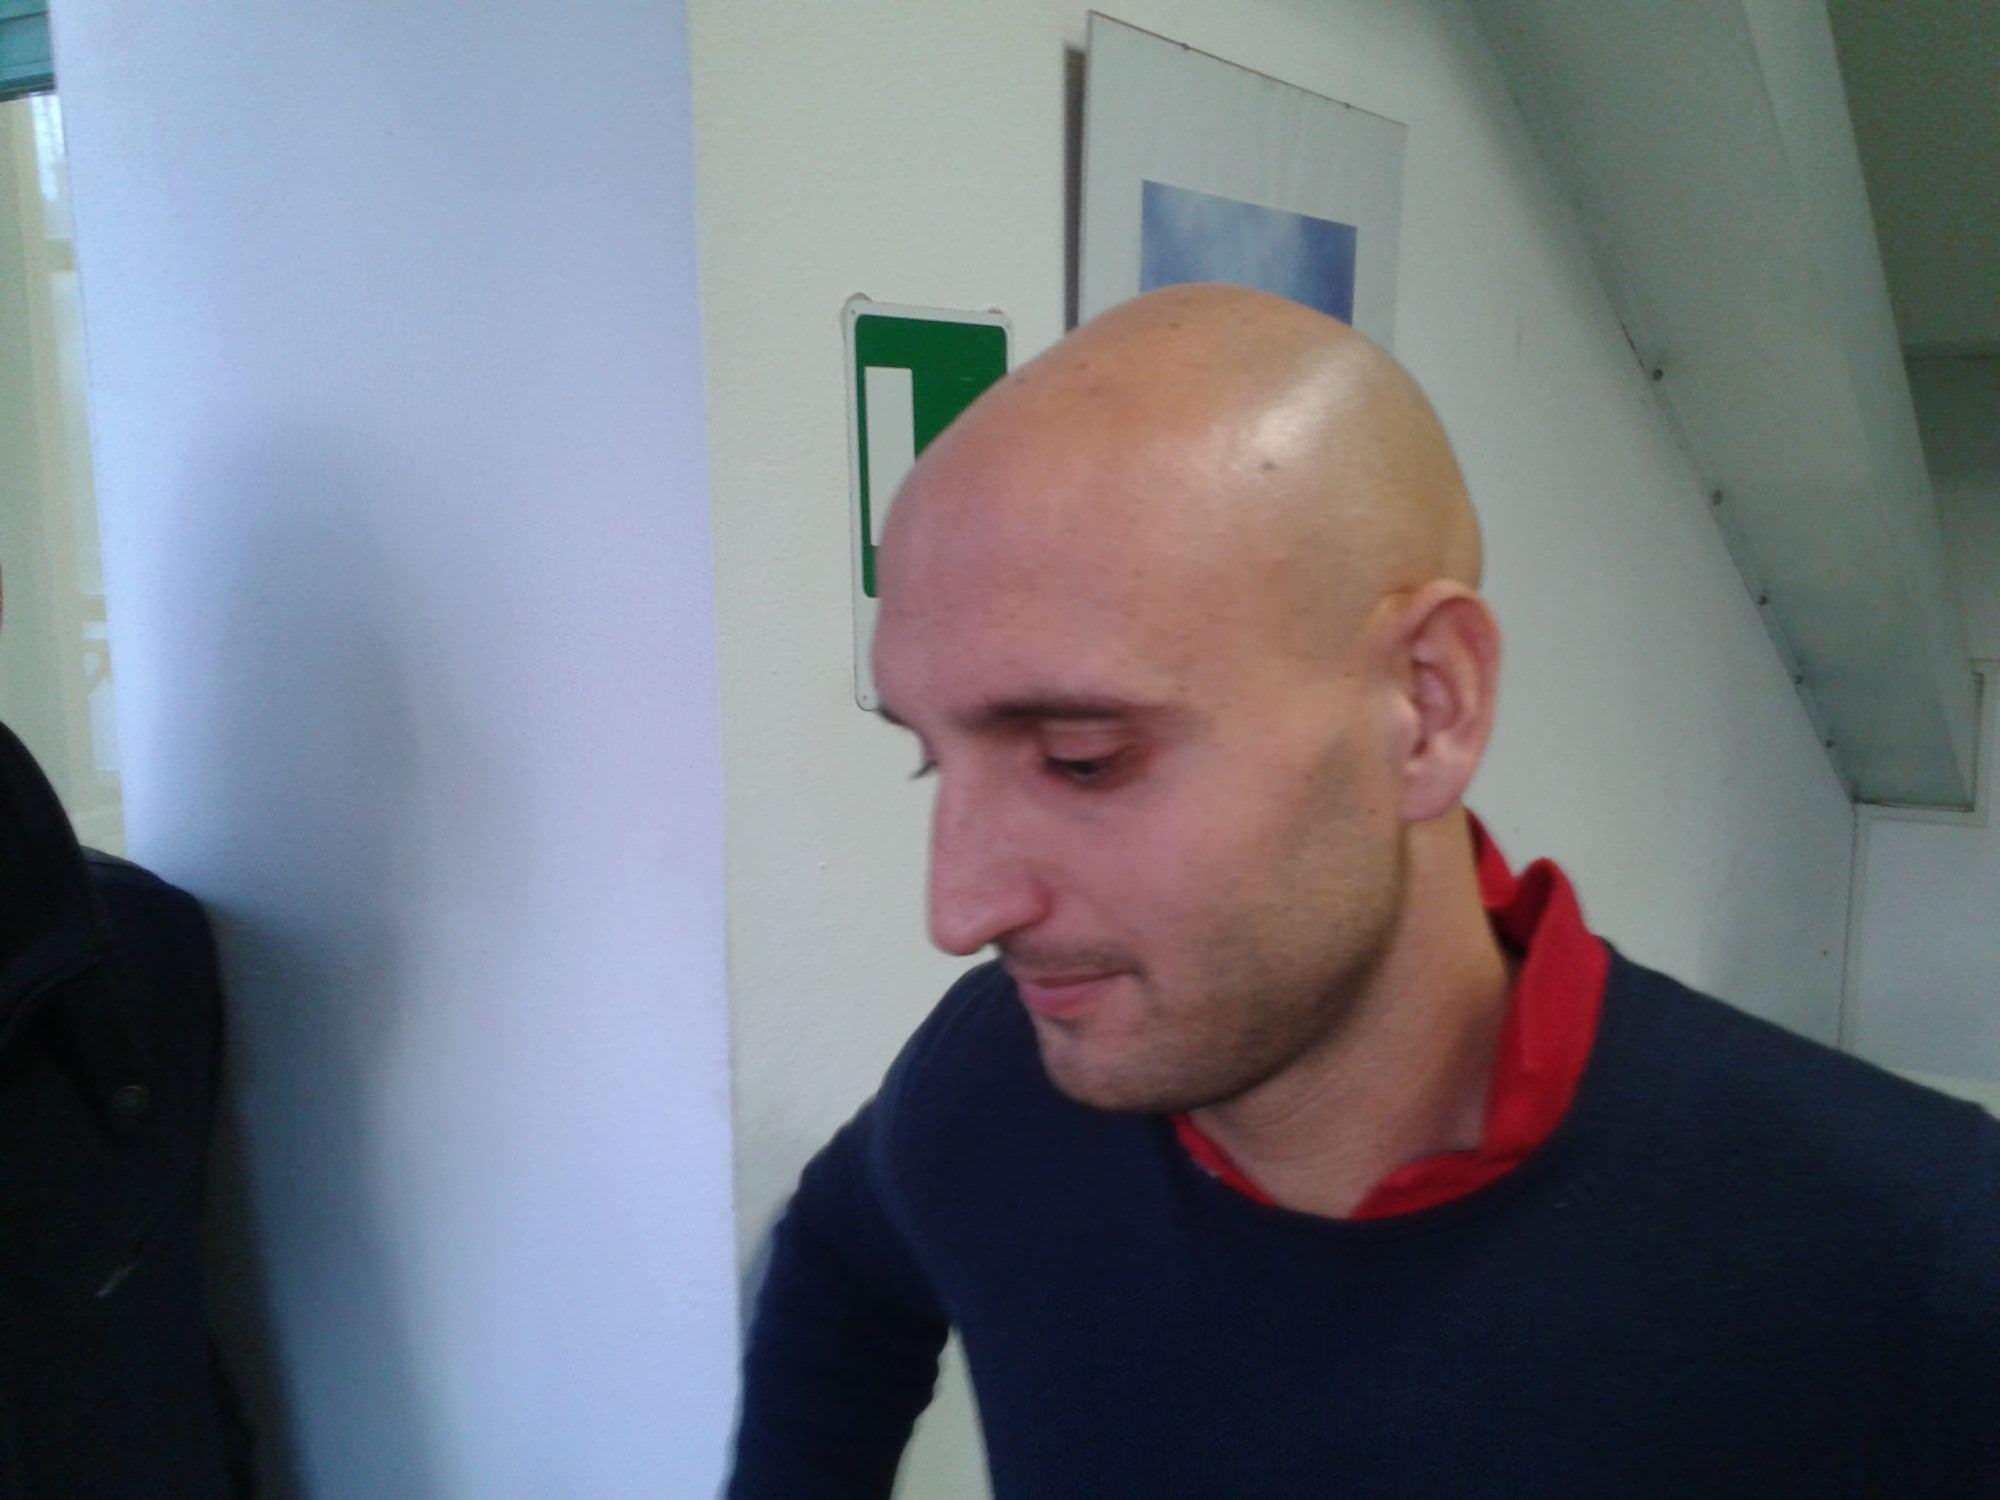 """Carnesalini: """"Il campo non deve essere lo specchio di ciò che accade fuori"""""""